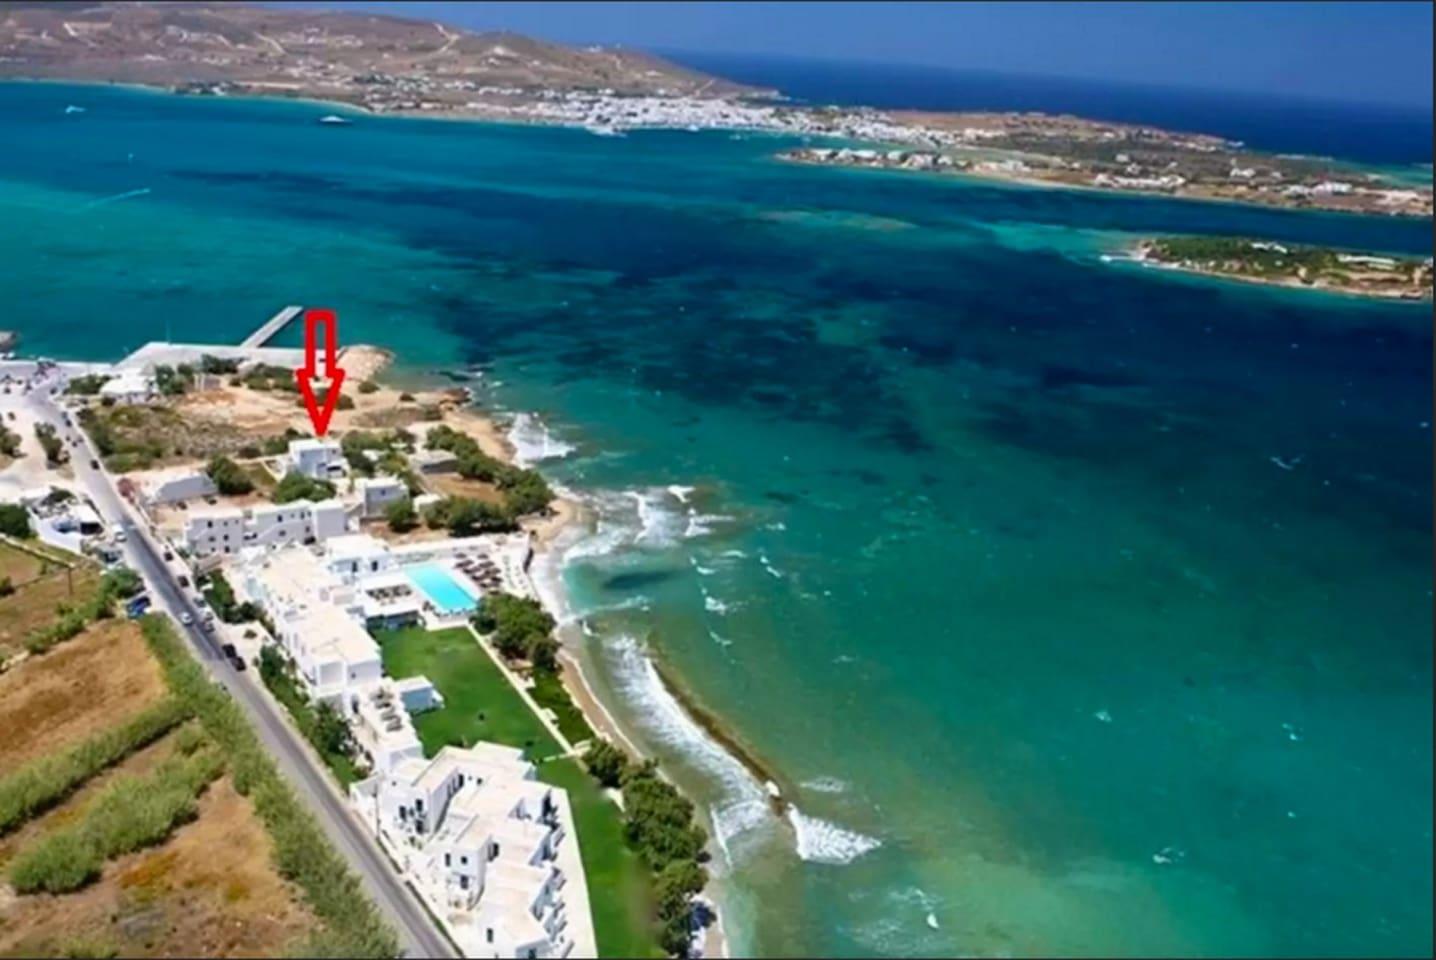 Beach house's location